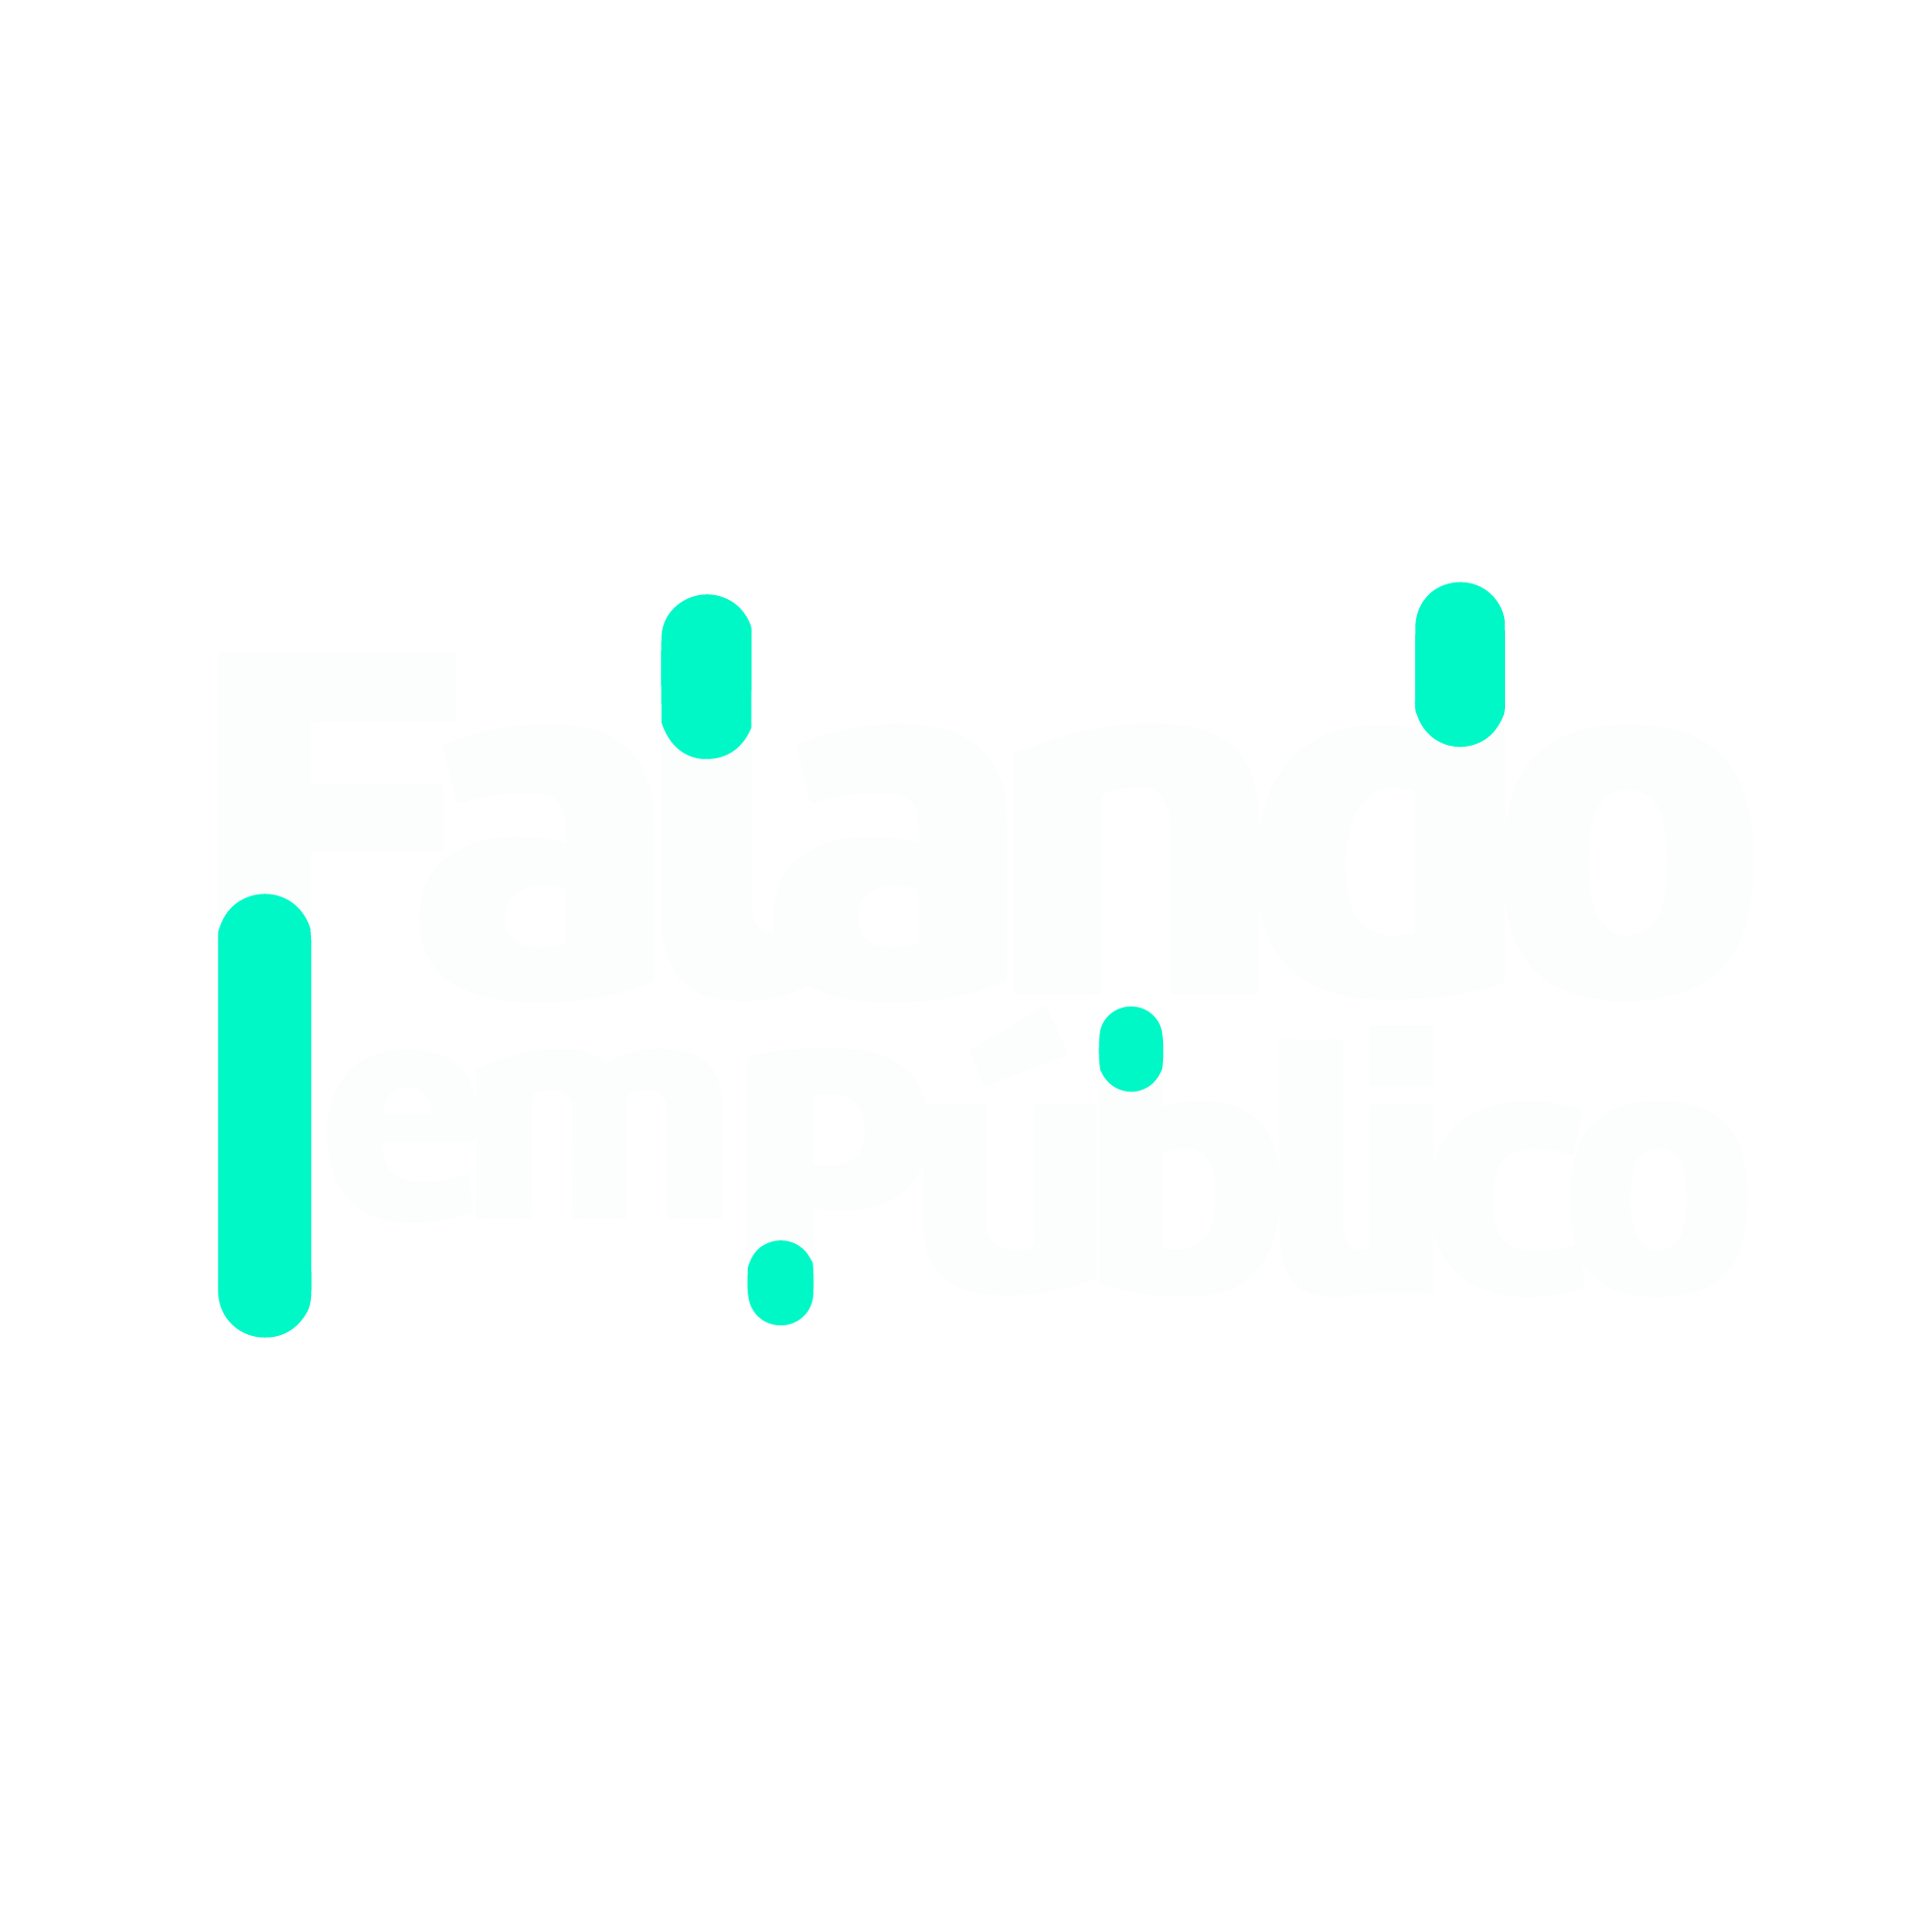 FalandoemPúblico-Logo-2